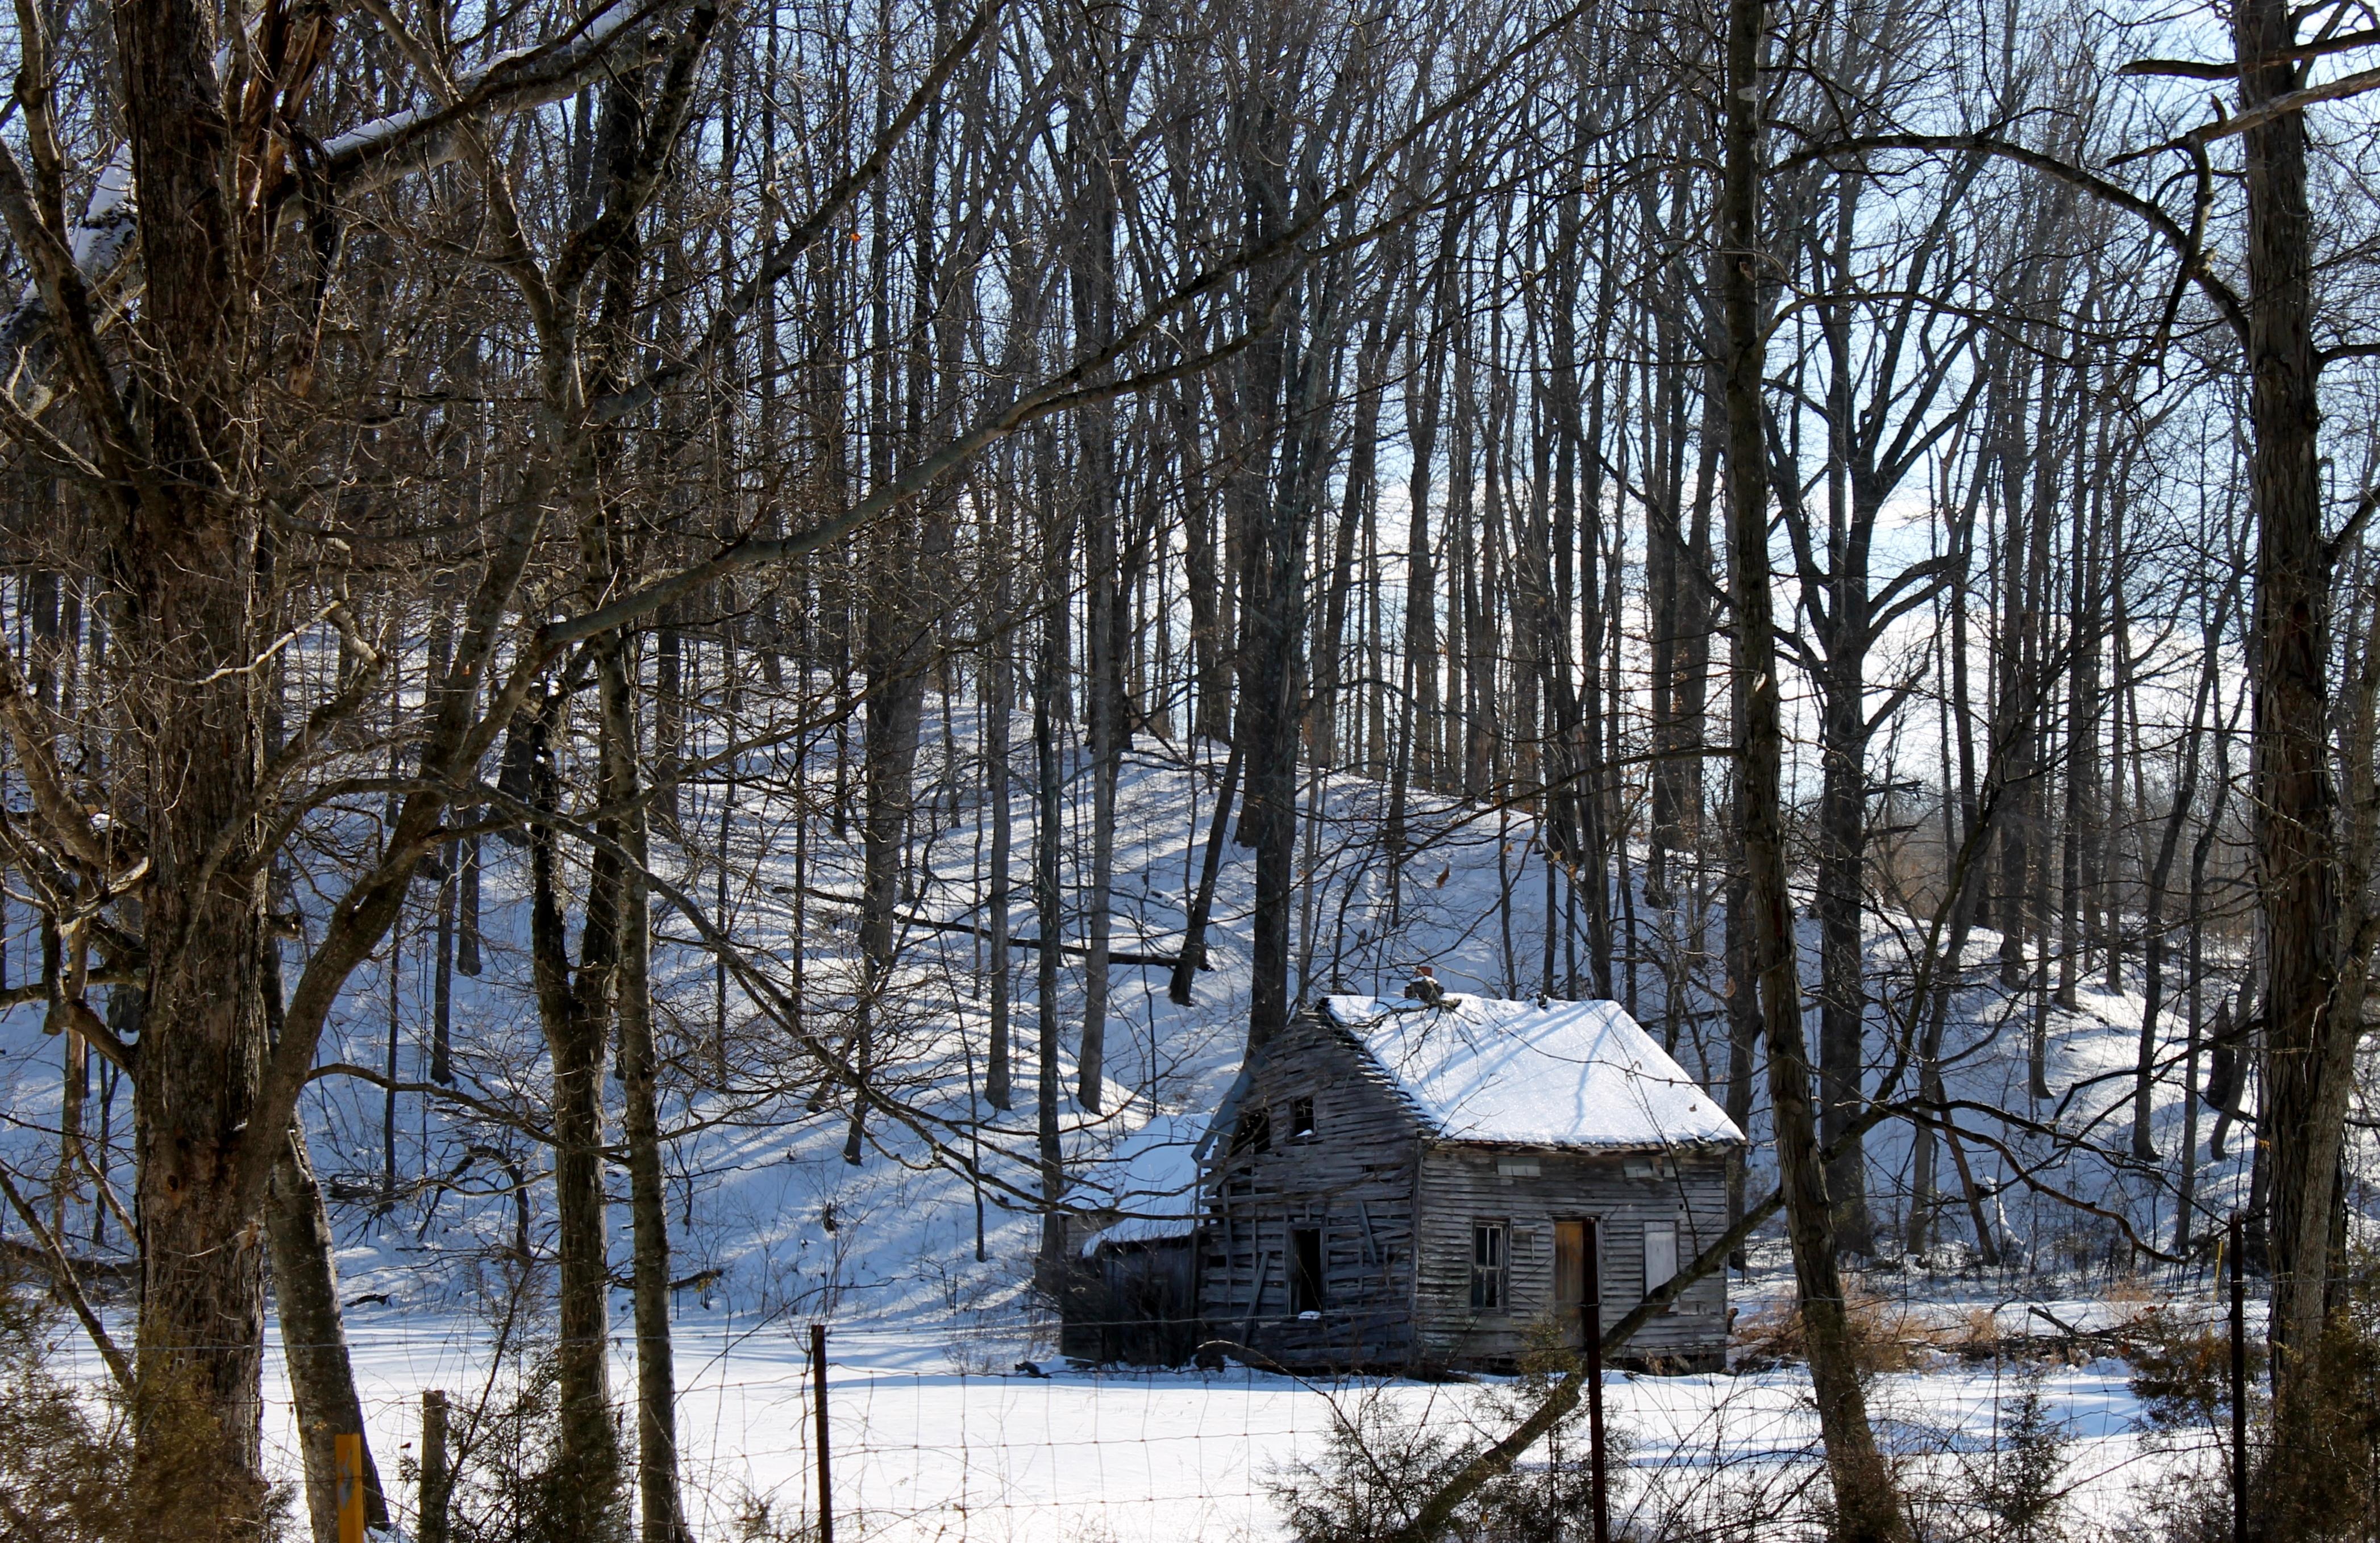 Winter's Last Stop